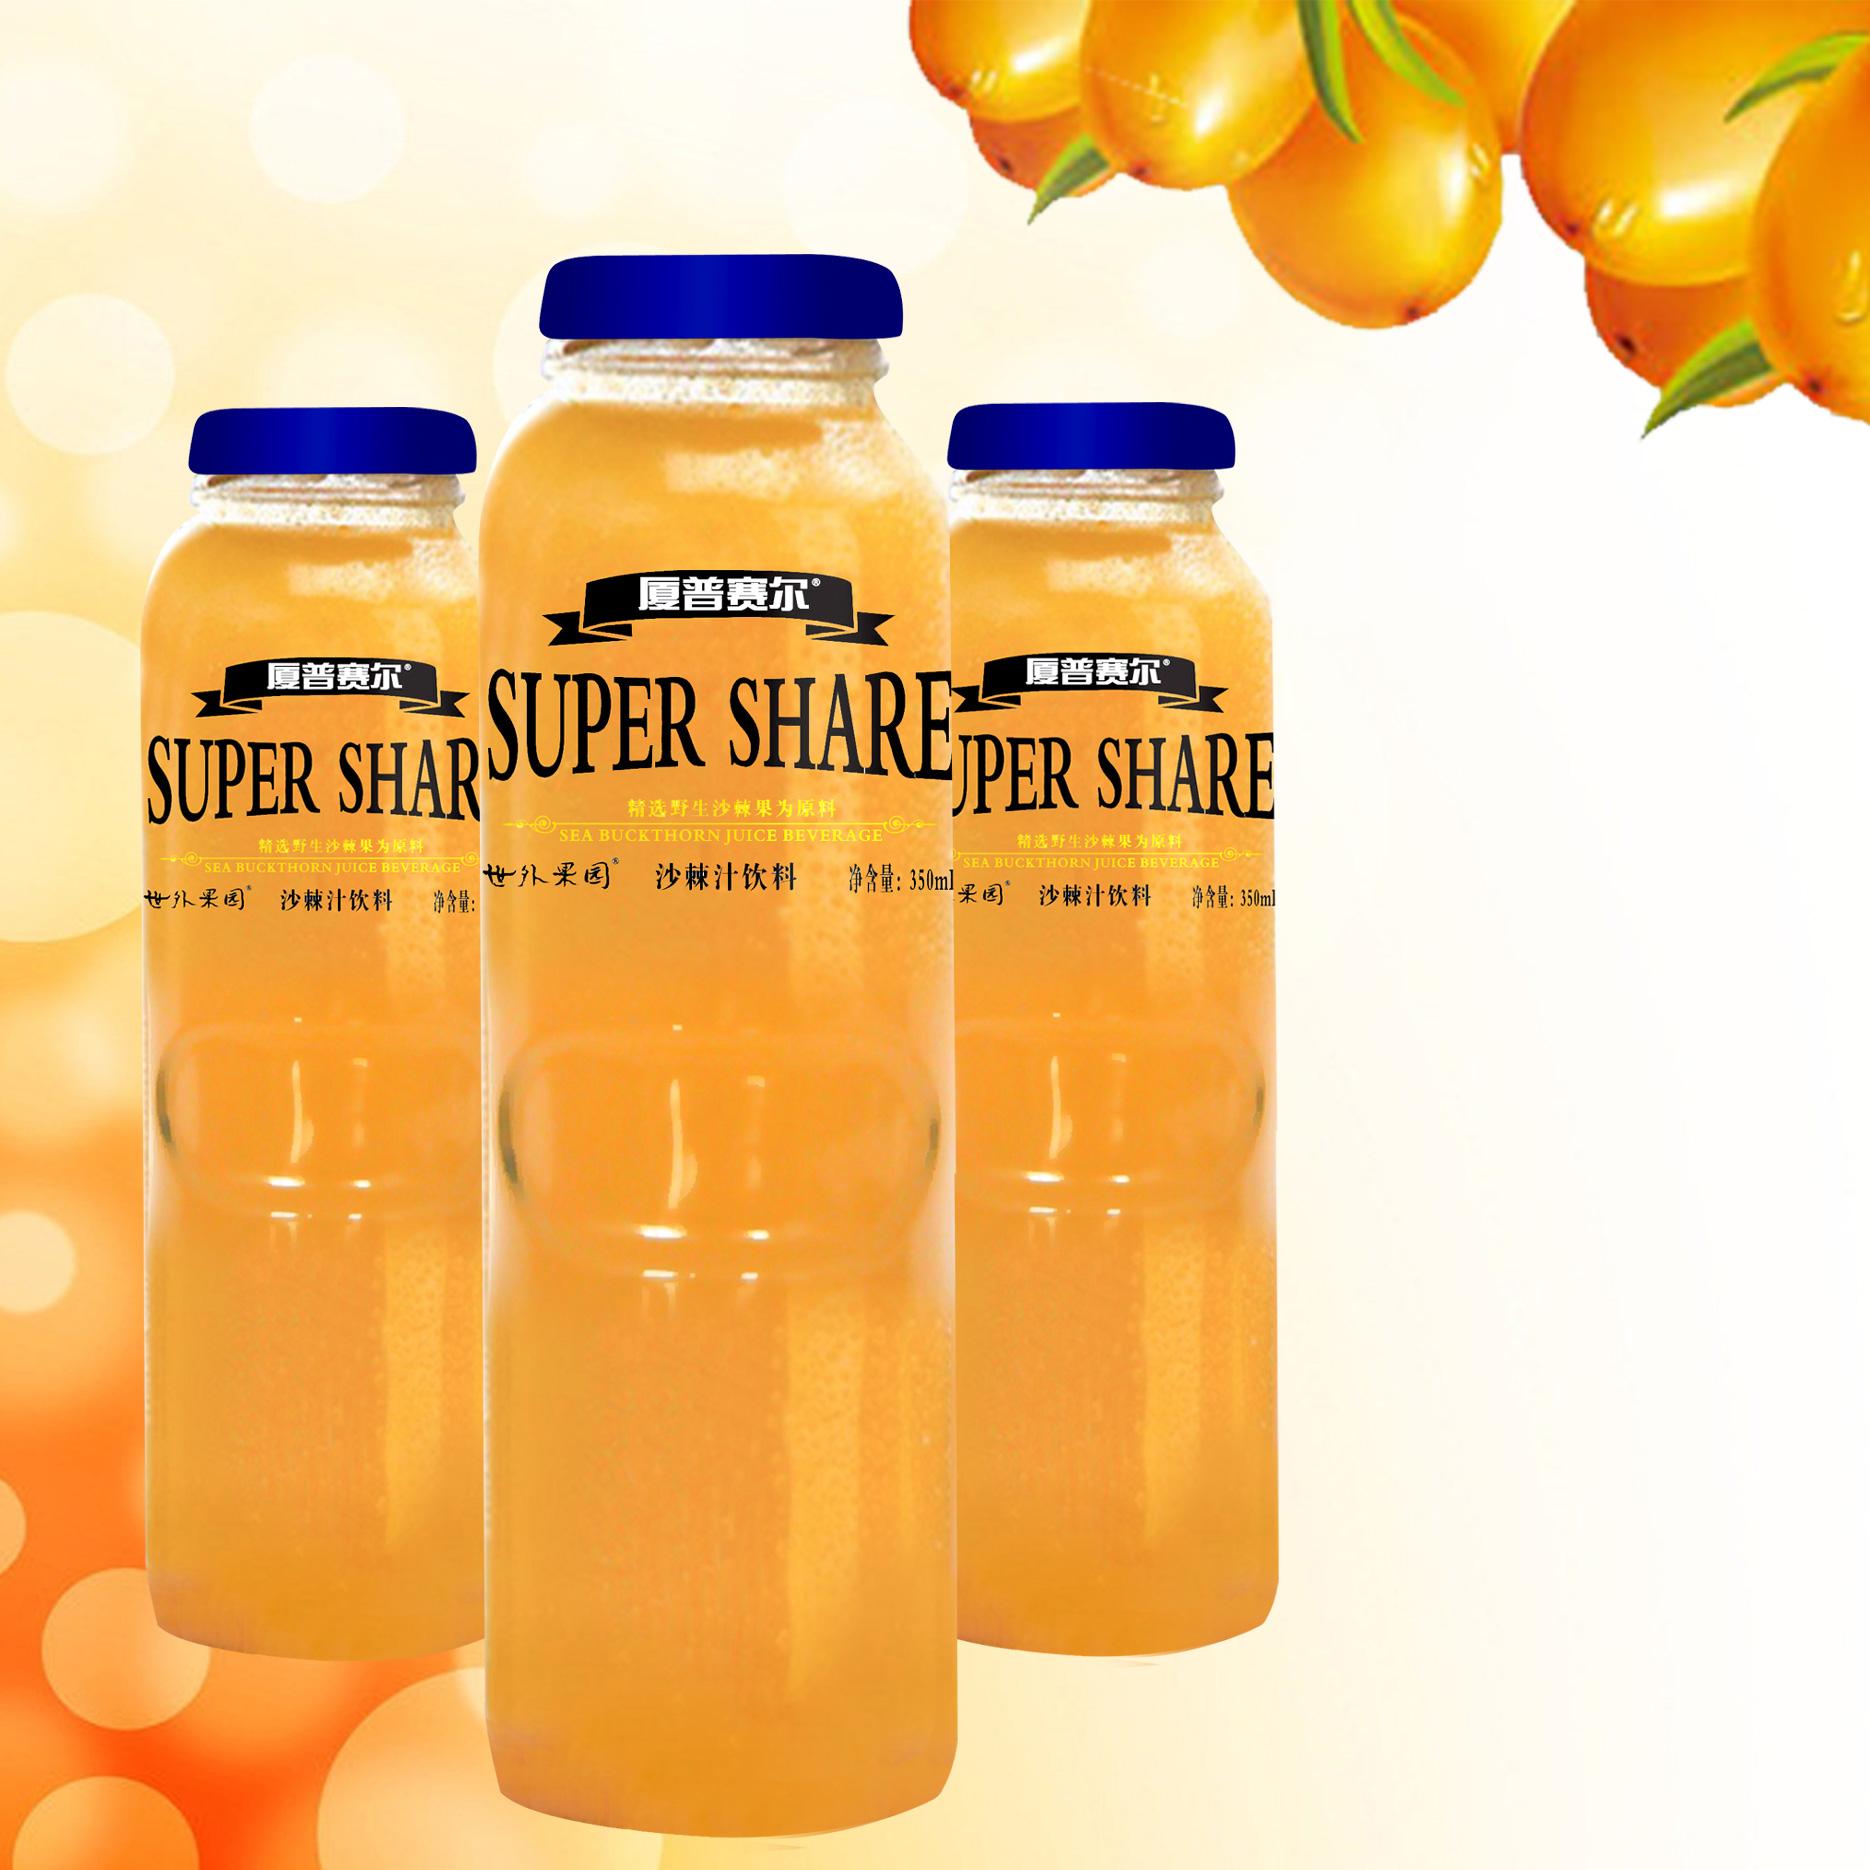 350mL沙棘汁饮料